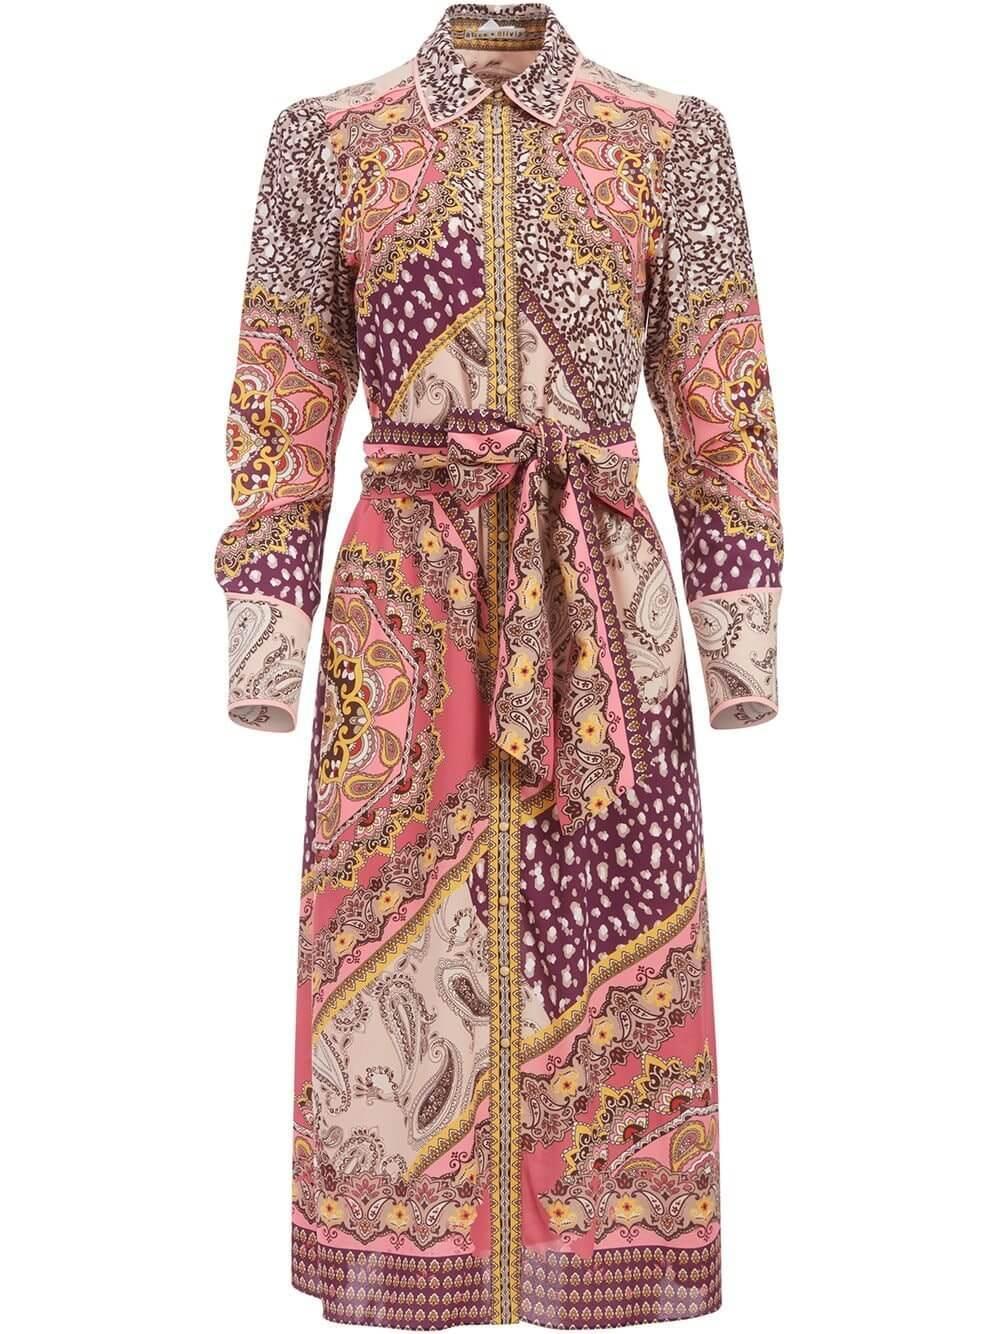 Luanne Shirt Dress